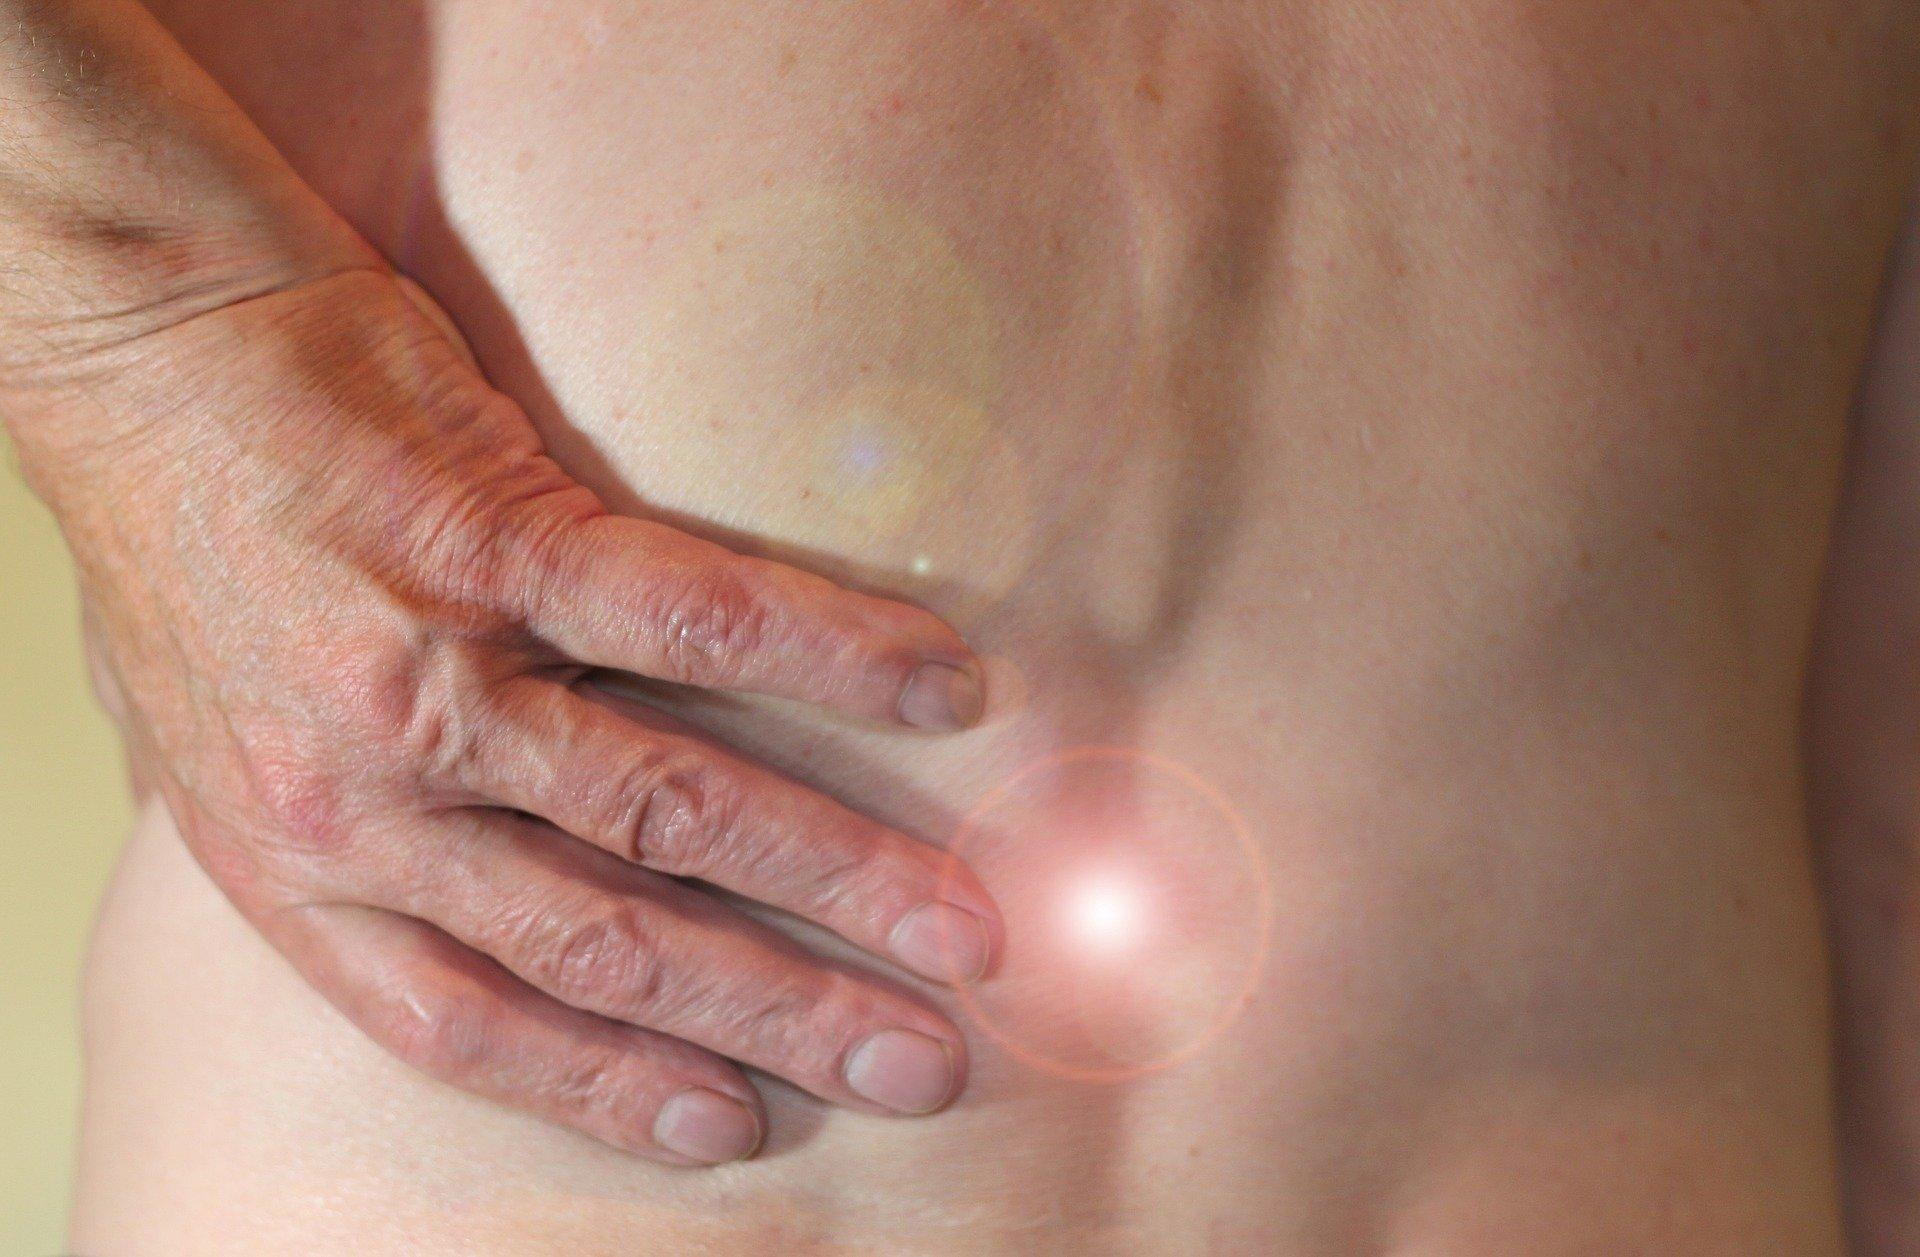 Mann leidet unter Hexenschuss im unteren Rückenbereich